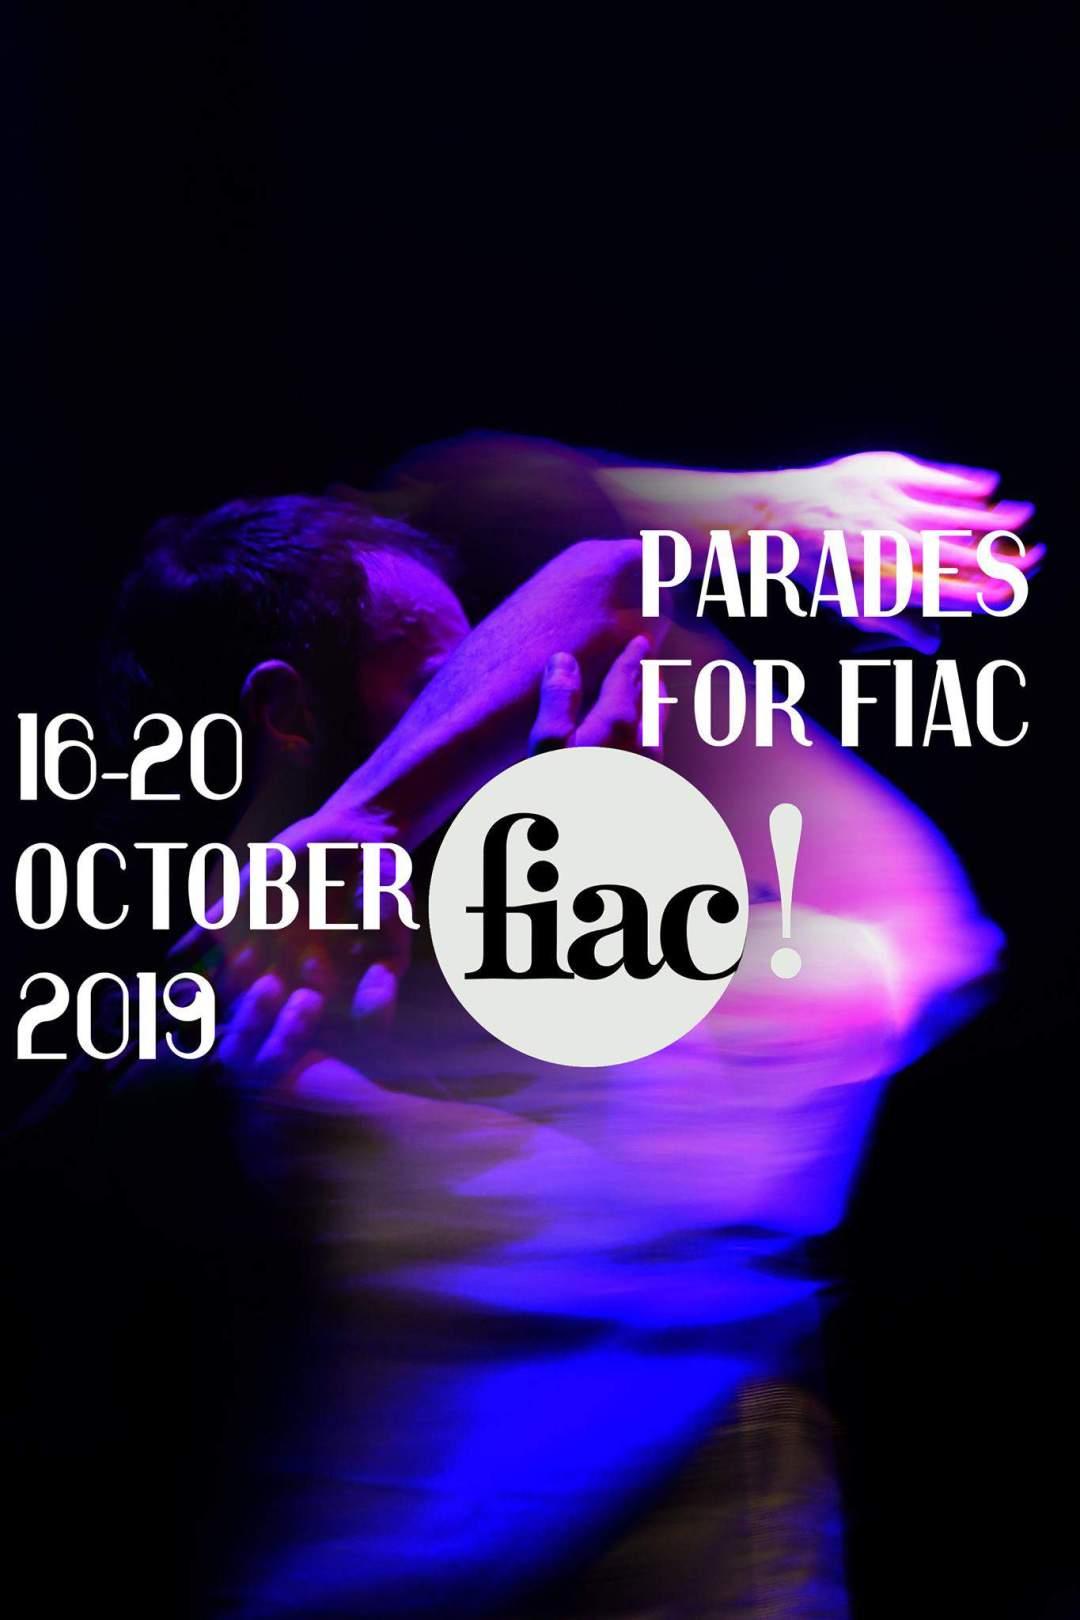 parades for fiac 2019